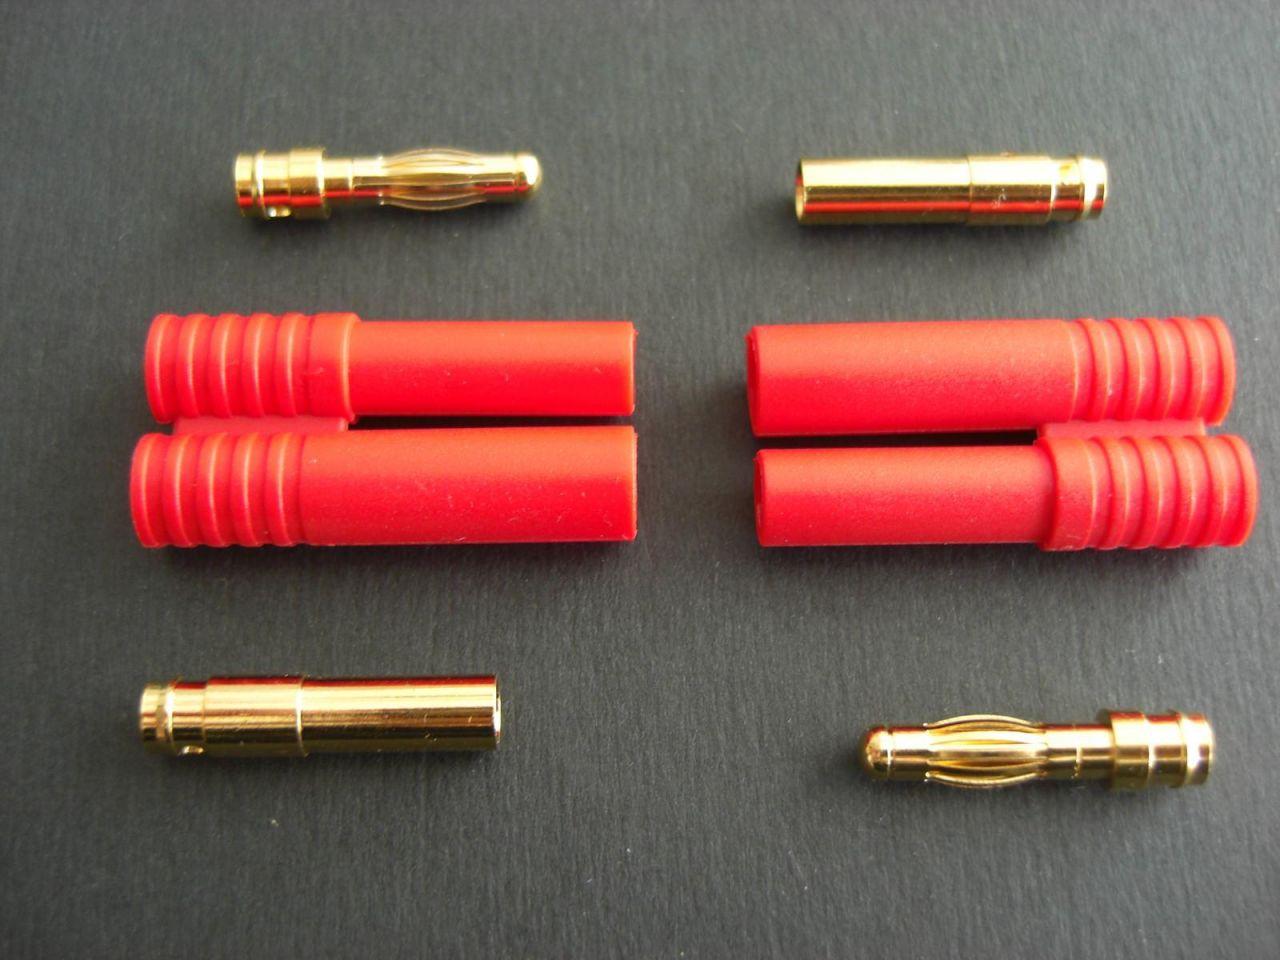 2x 4mm Goldstecker verpolsicher für Turnigy Zippy LiPo